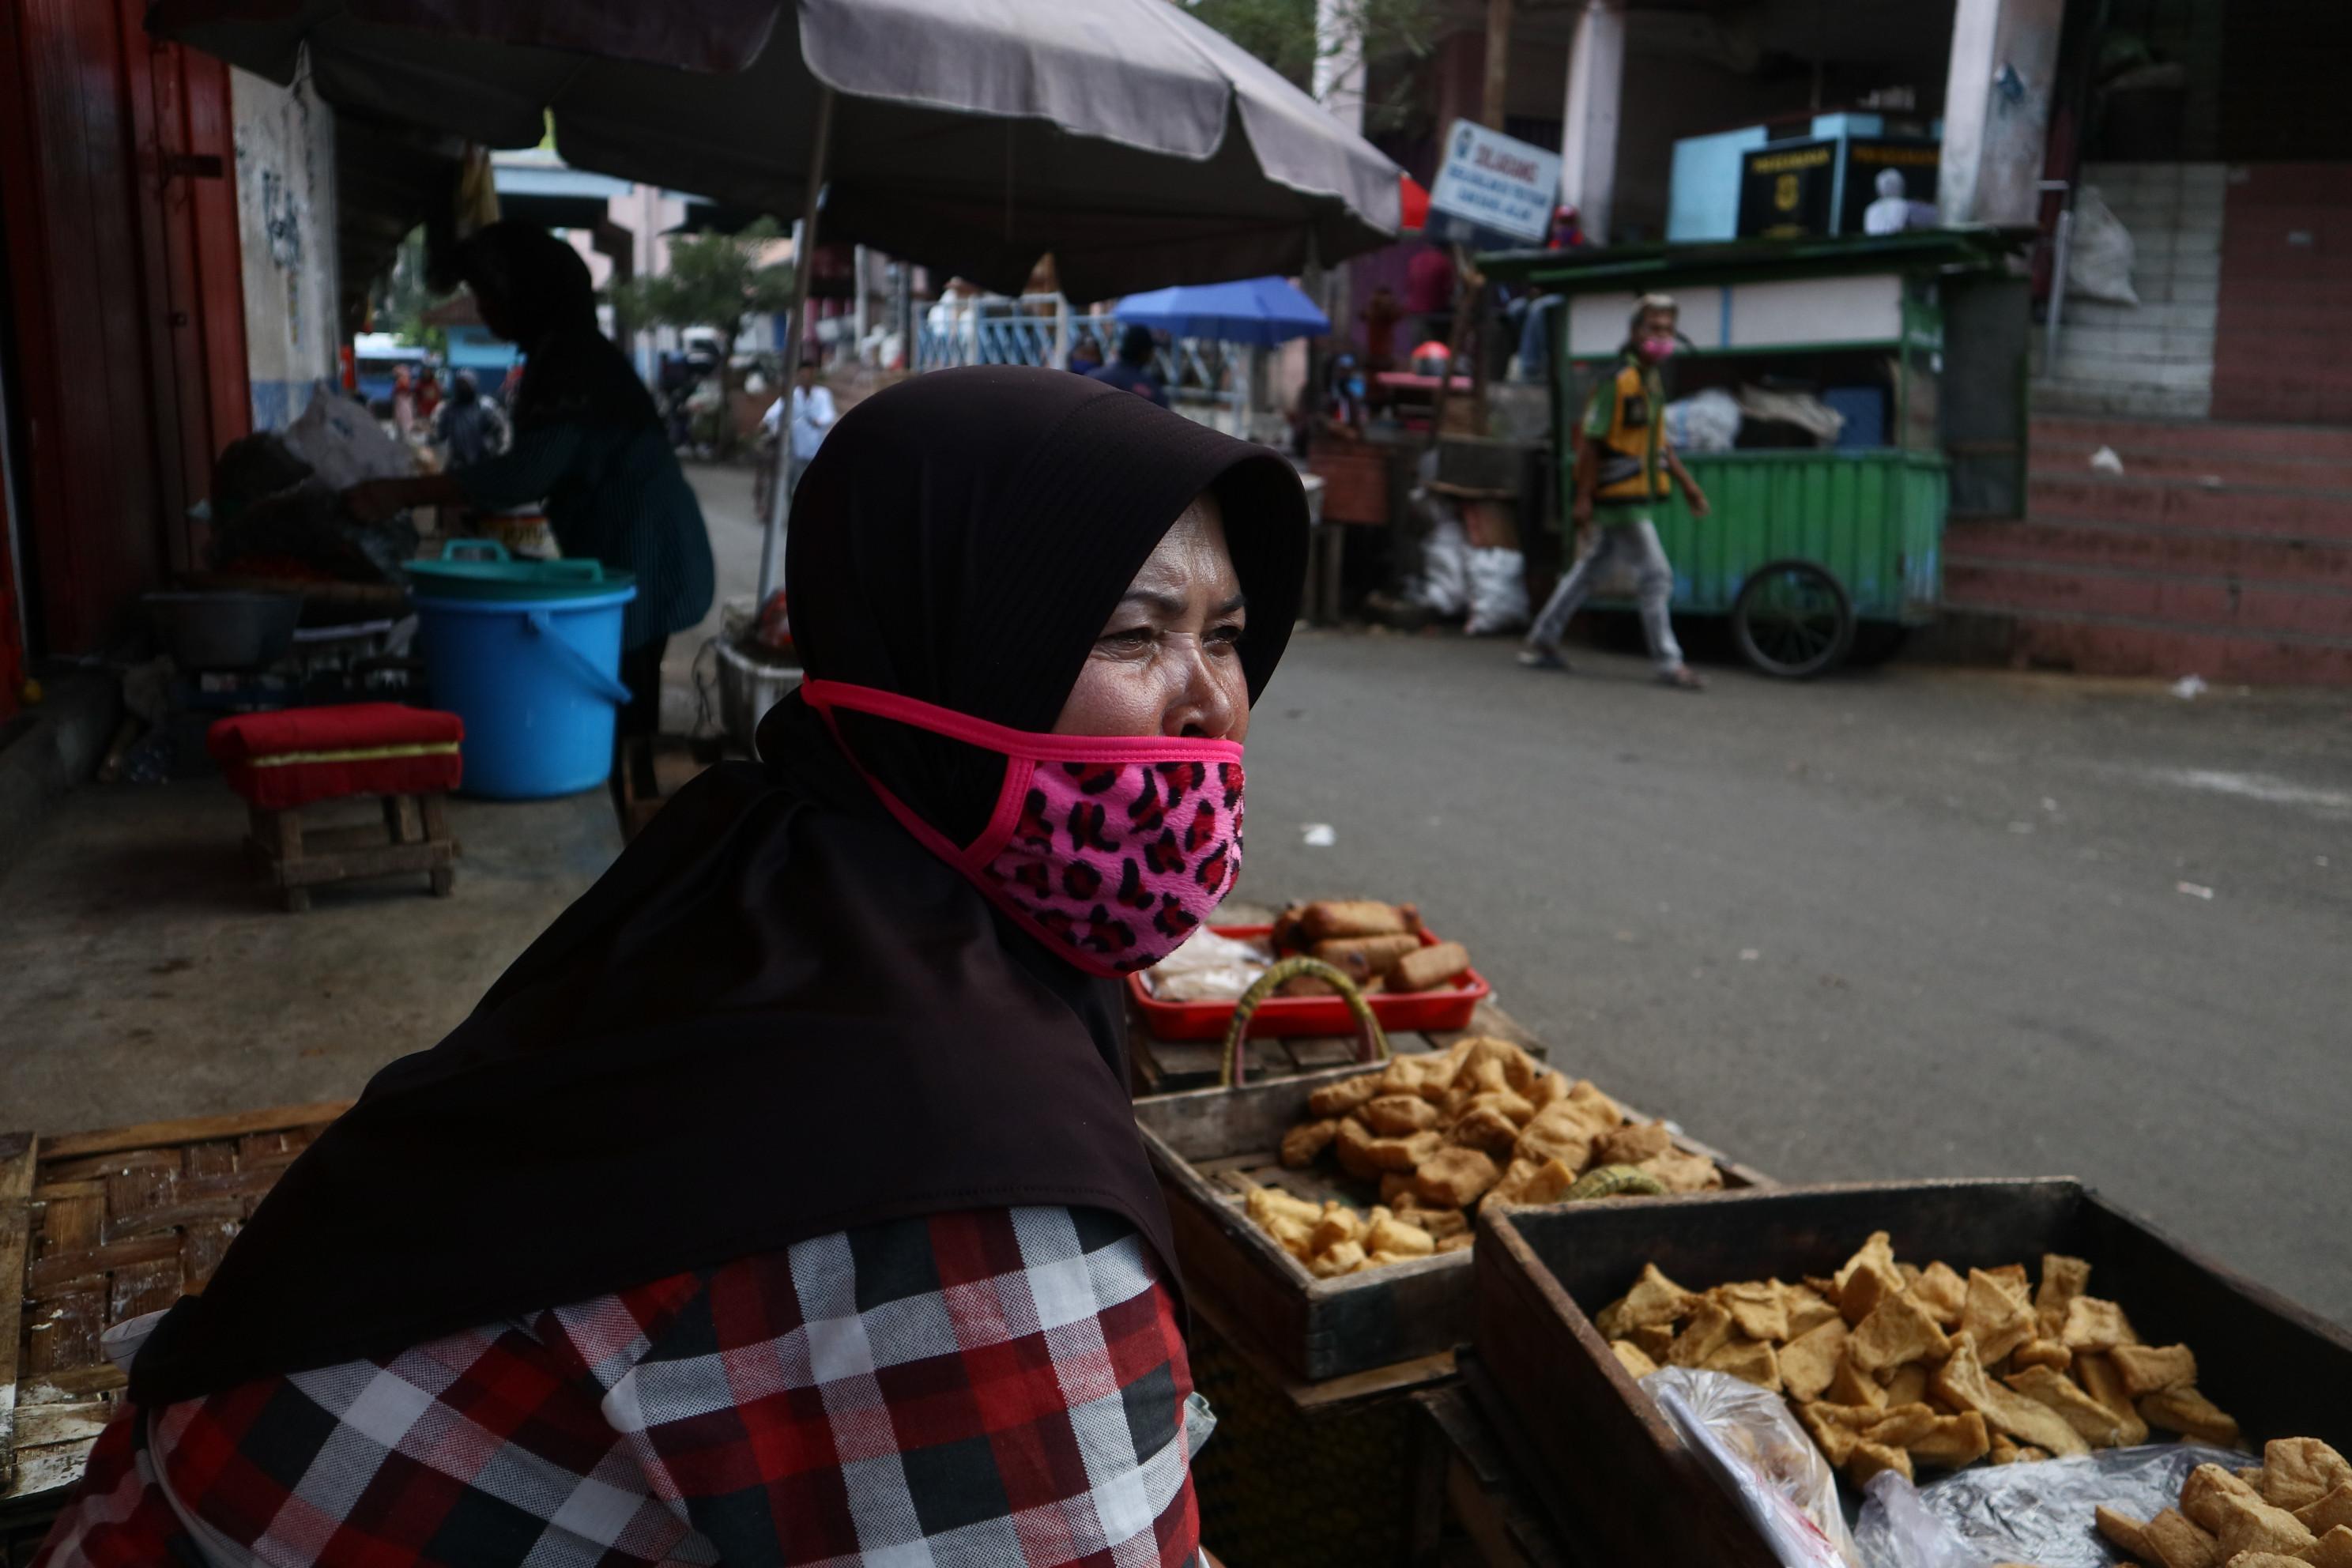 penjualan-di-pasar-tradisional-turun-sejak-pandemi-